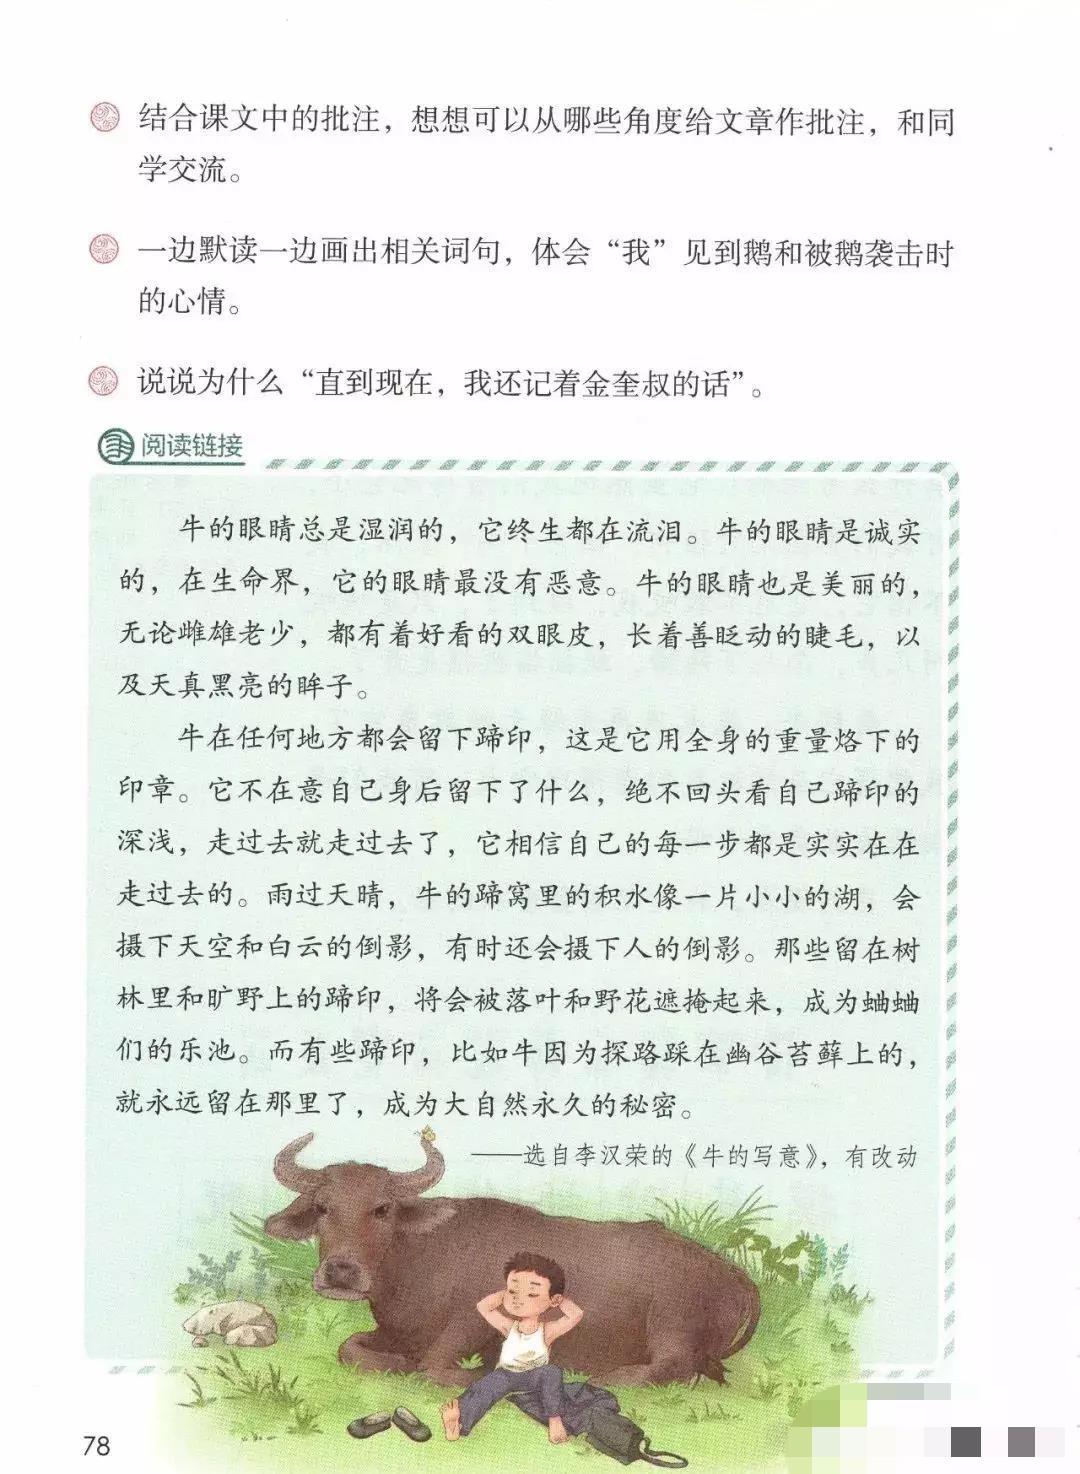 部编版四年级上册第18课《牛和鹅》知识点